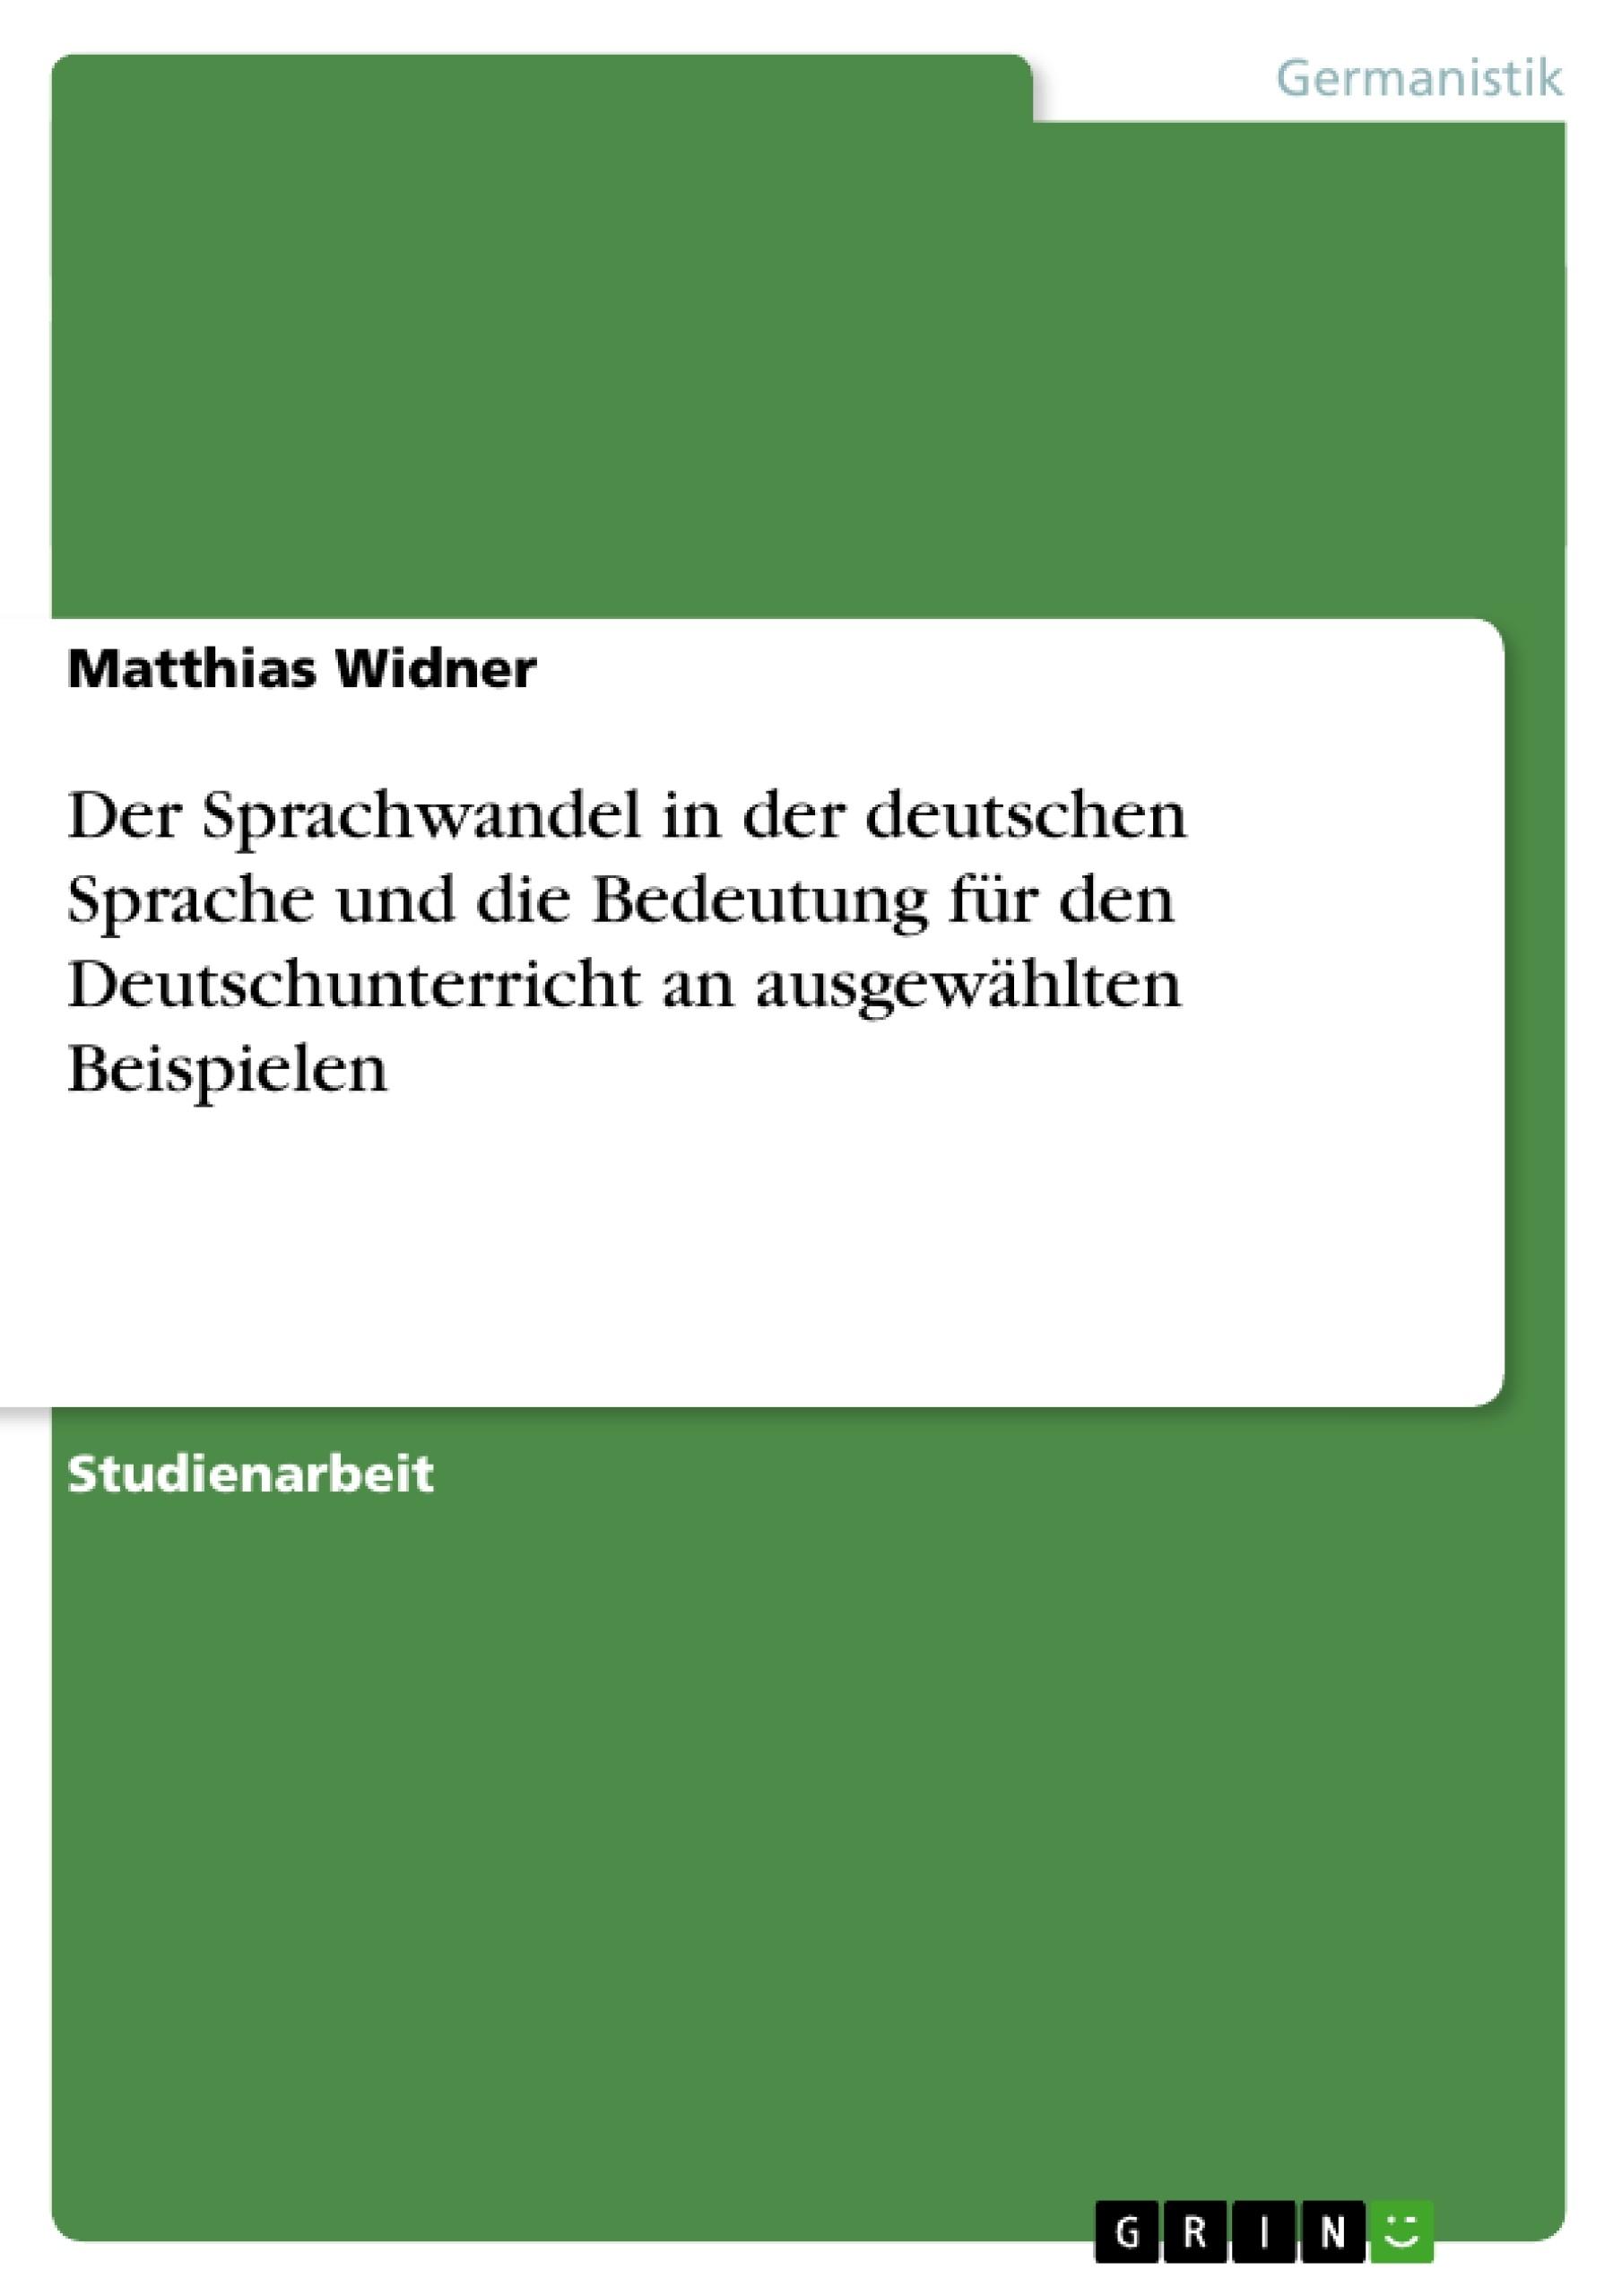 Titel: Der Sprachwandel in der deutschen Sprache und die Bedeutung für den Deutschunterricht an ausgewählten Beispielen